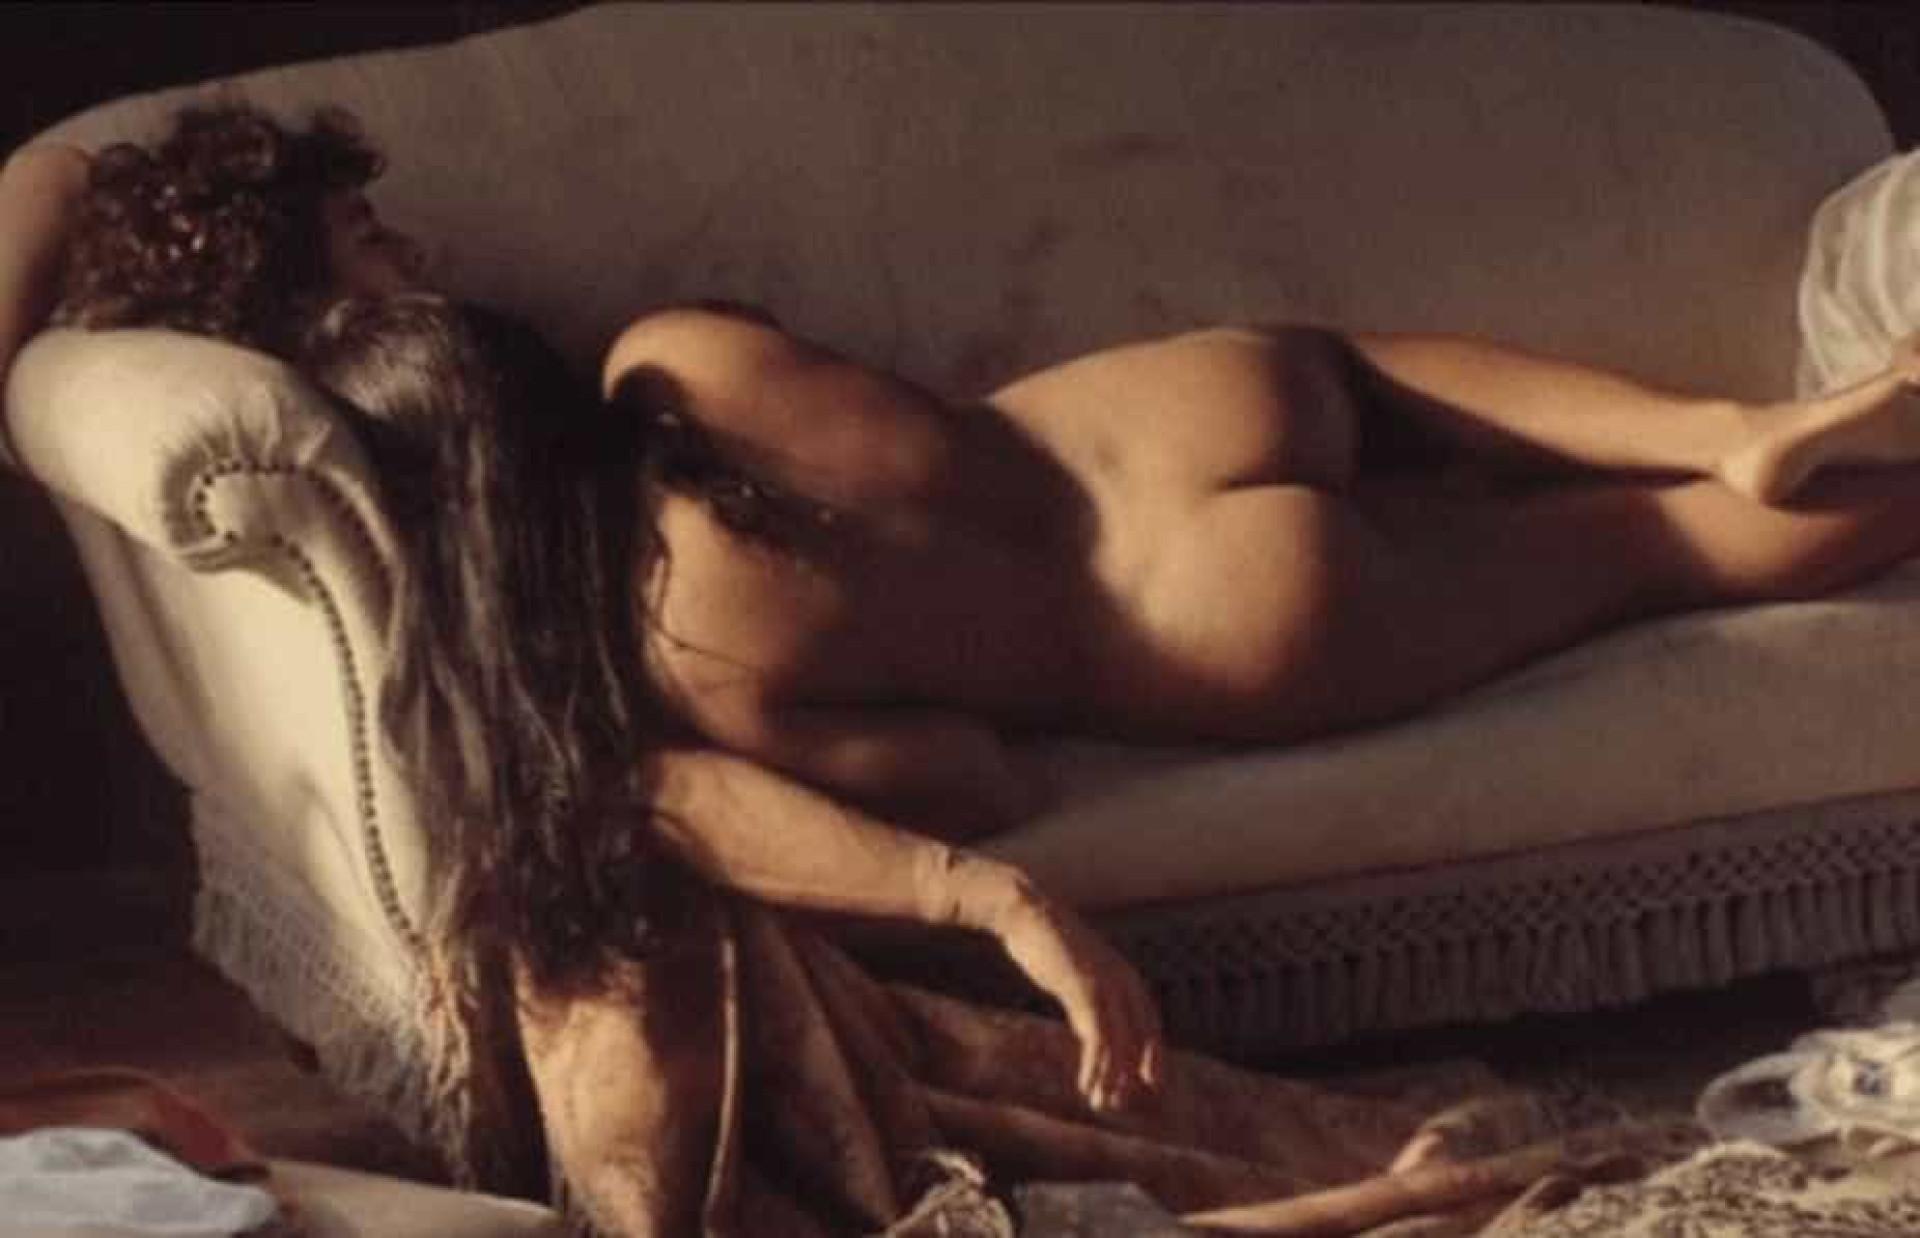 Série: Nudez de Juliana Paes 'agita' as redes sociais